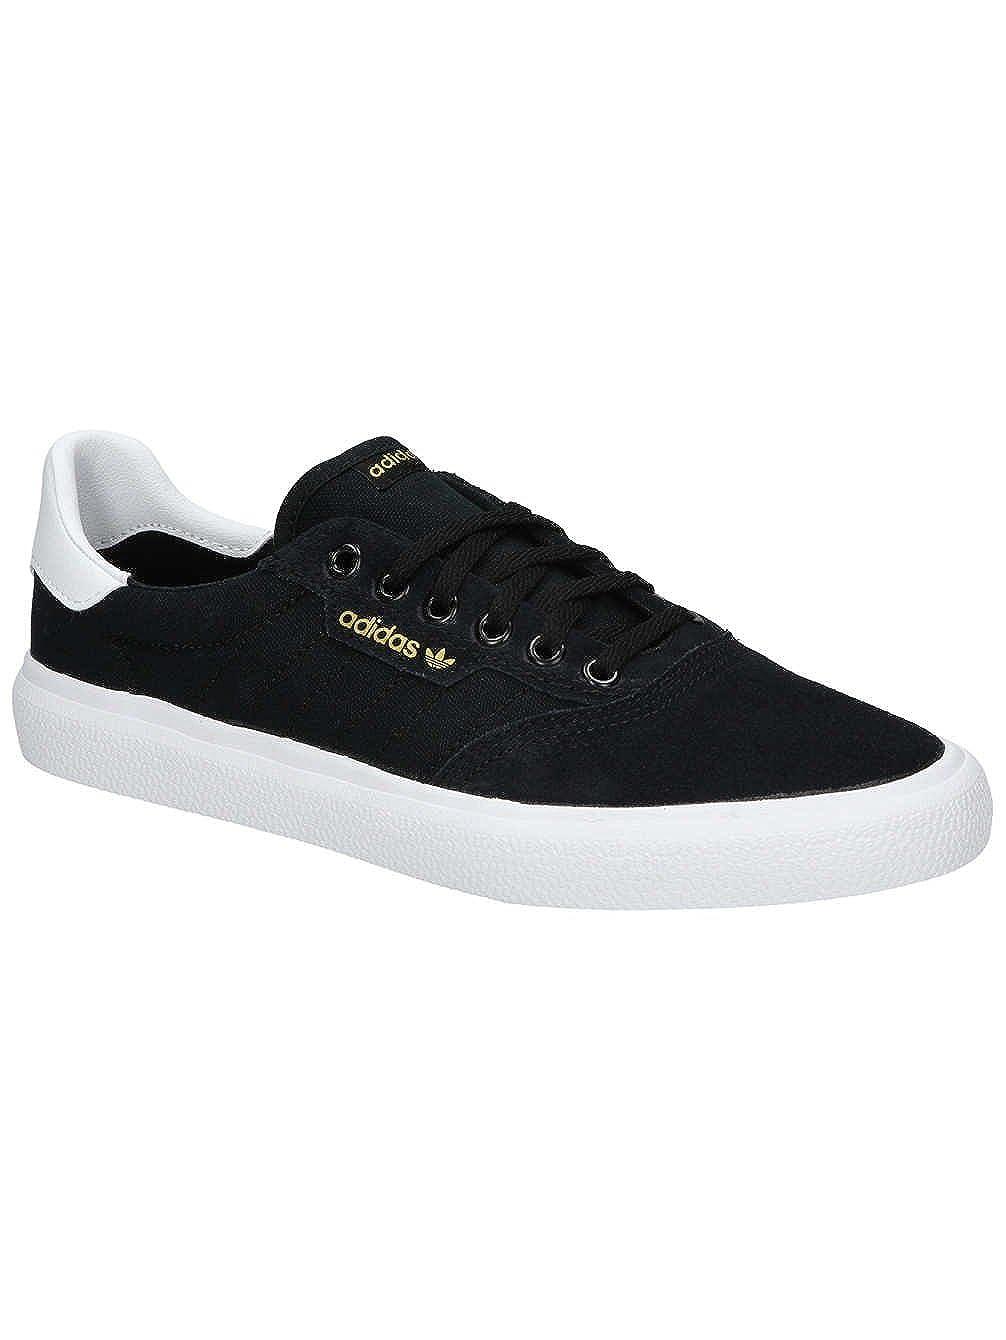 les hommes / / / femmes est adidas & eacute; est 3mc à chaussures élégante boutique en ligne les ventes mondiales cd66d7